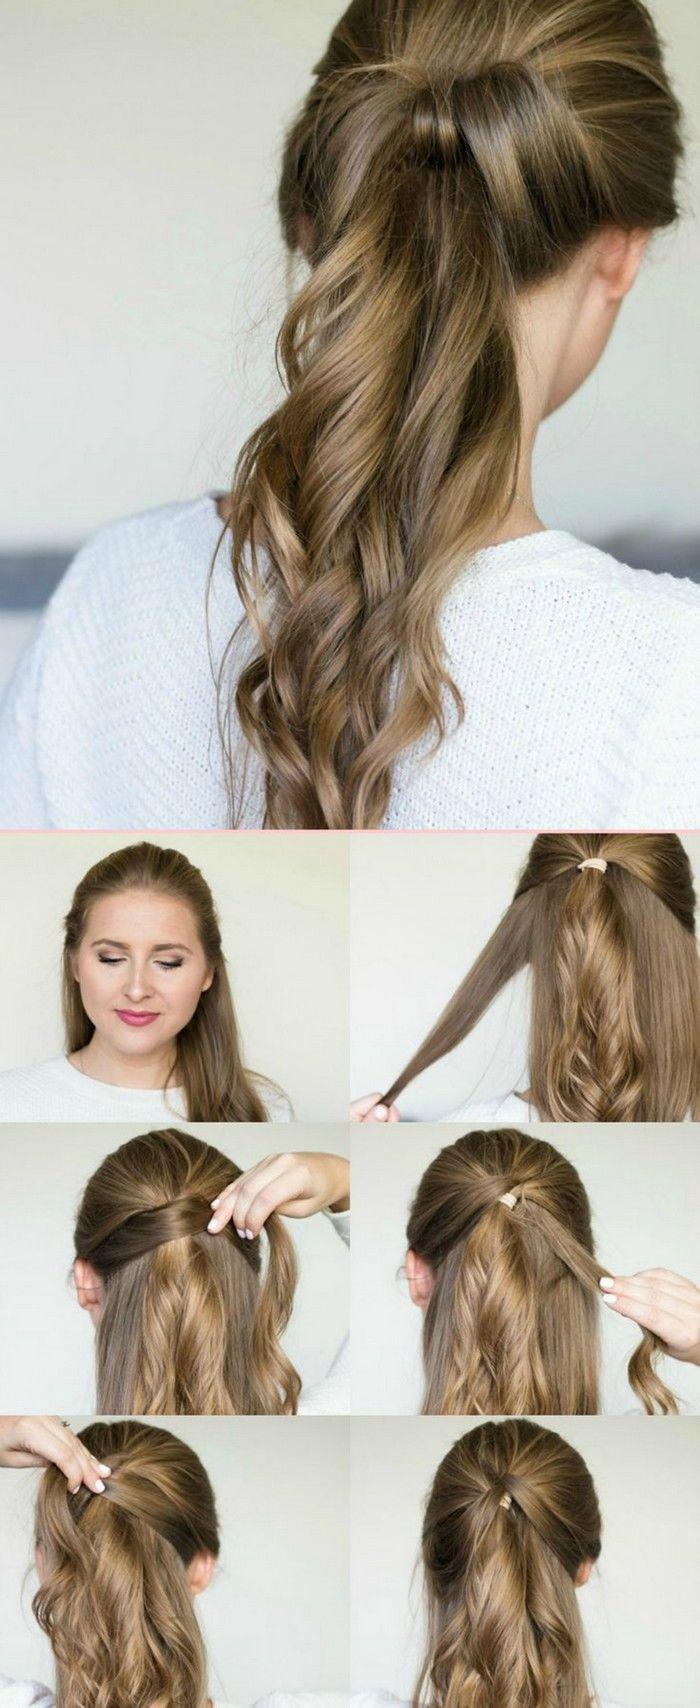 10 Idei De Coafuri Superbe Pe Care Le Poţi Face Acasă Frumuseţe